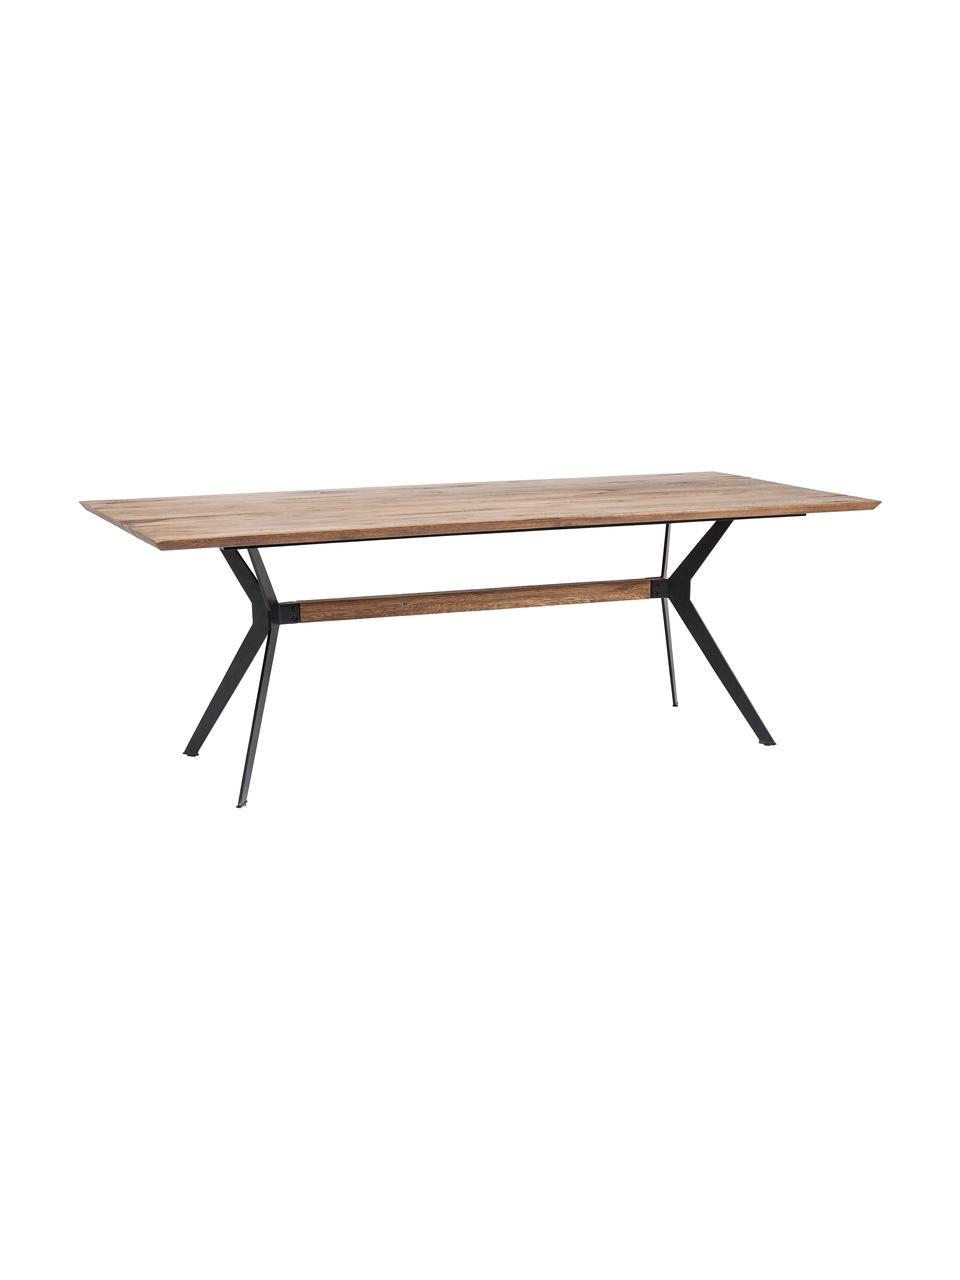 Eettafel Downtown met massief houten blad, Tafelblad: eikenhout, geolied, Poten: gepoedercoat staal en eik, Eiken, zwart, 220 x 90 cm